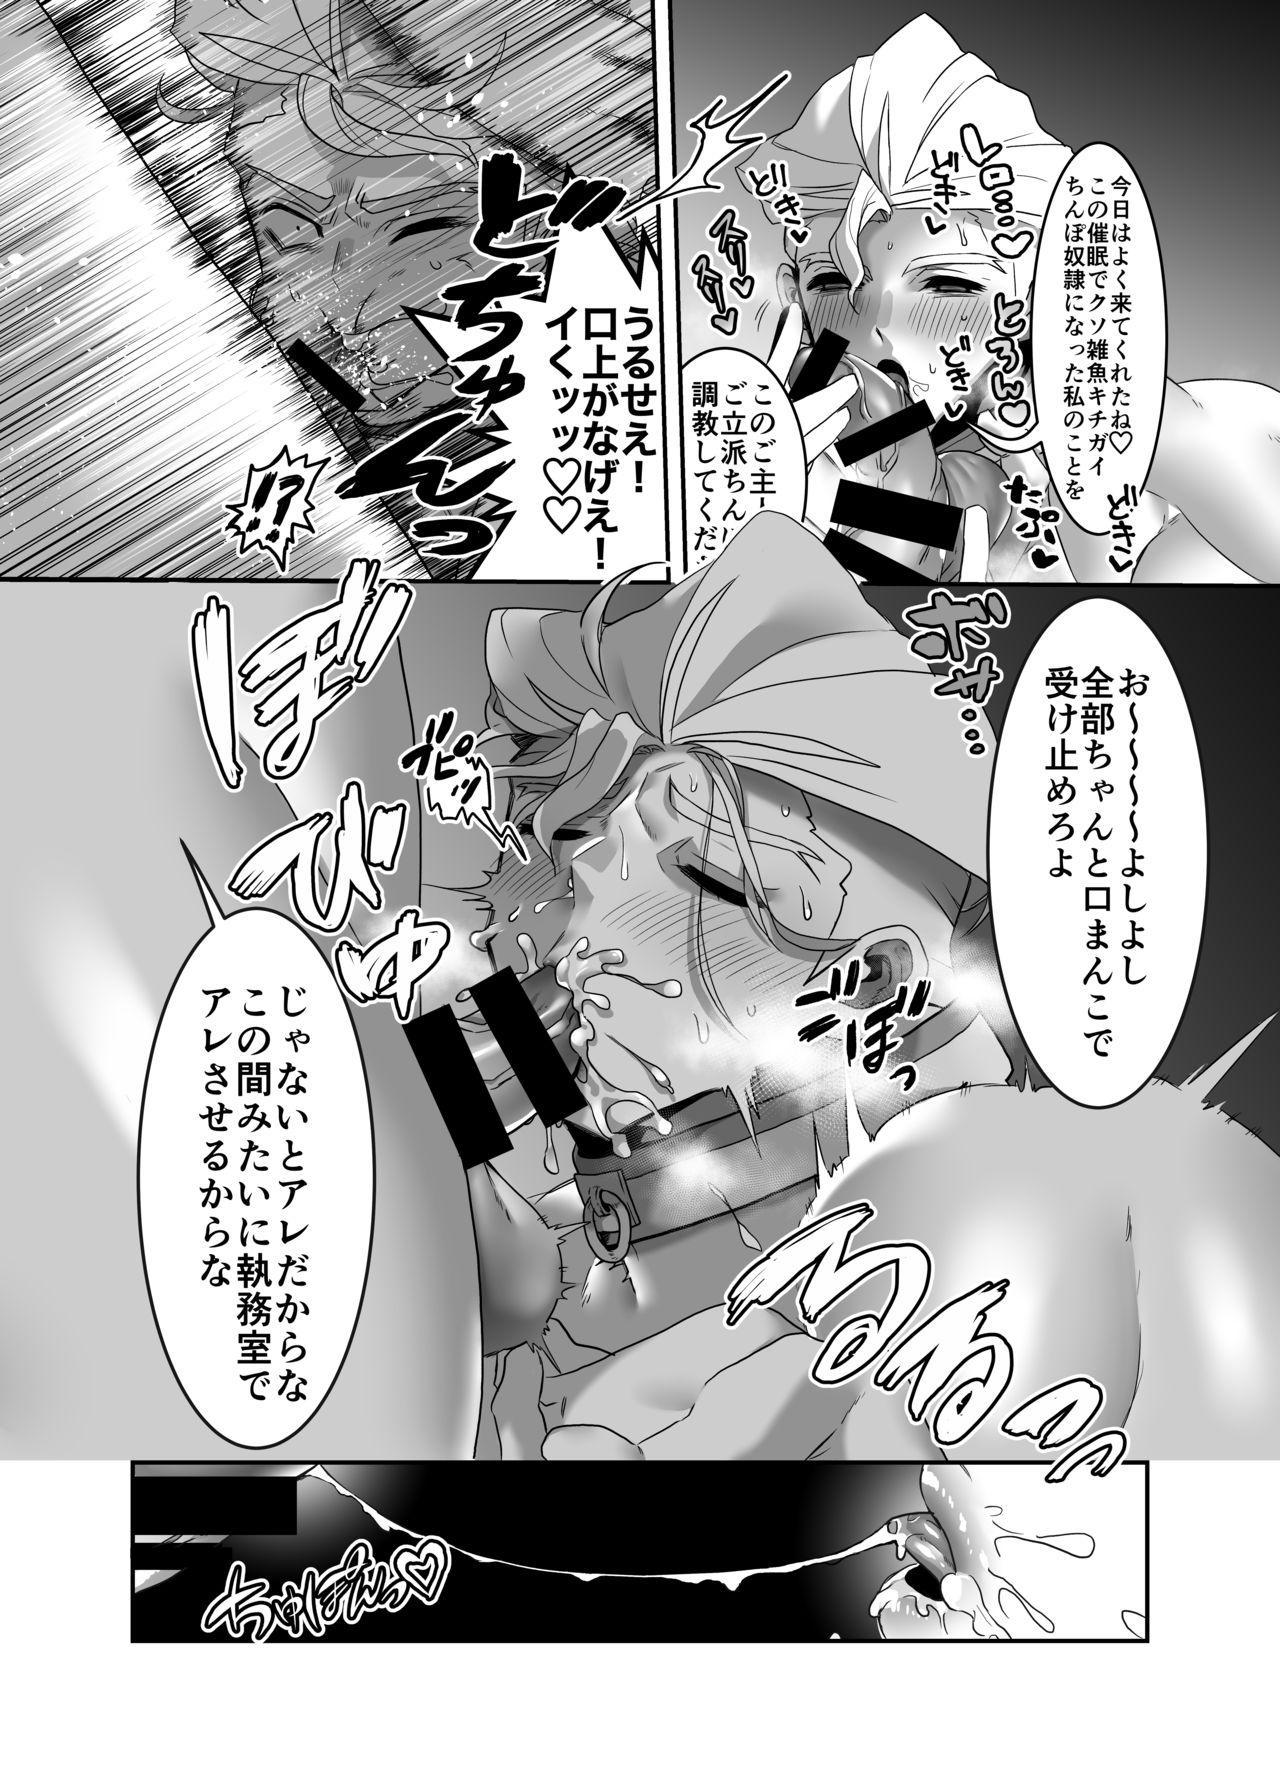 Masaka Ano Promepolis Shiseikan ga Saimin Appli de Seidorei ni Ochiru nante 5